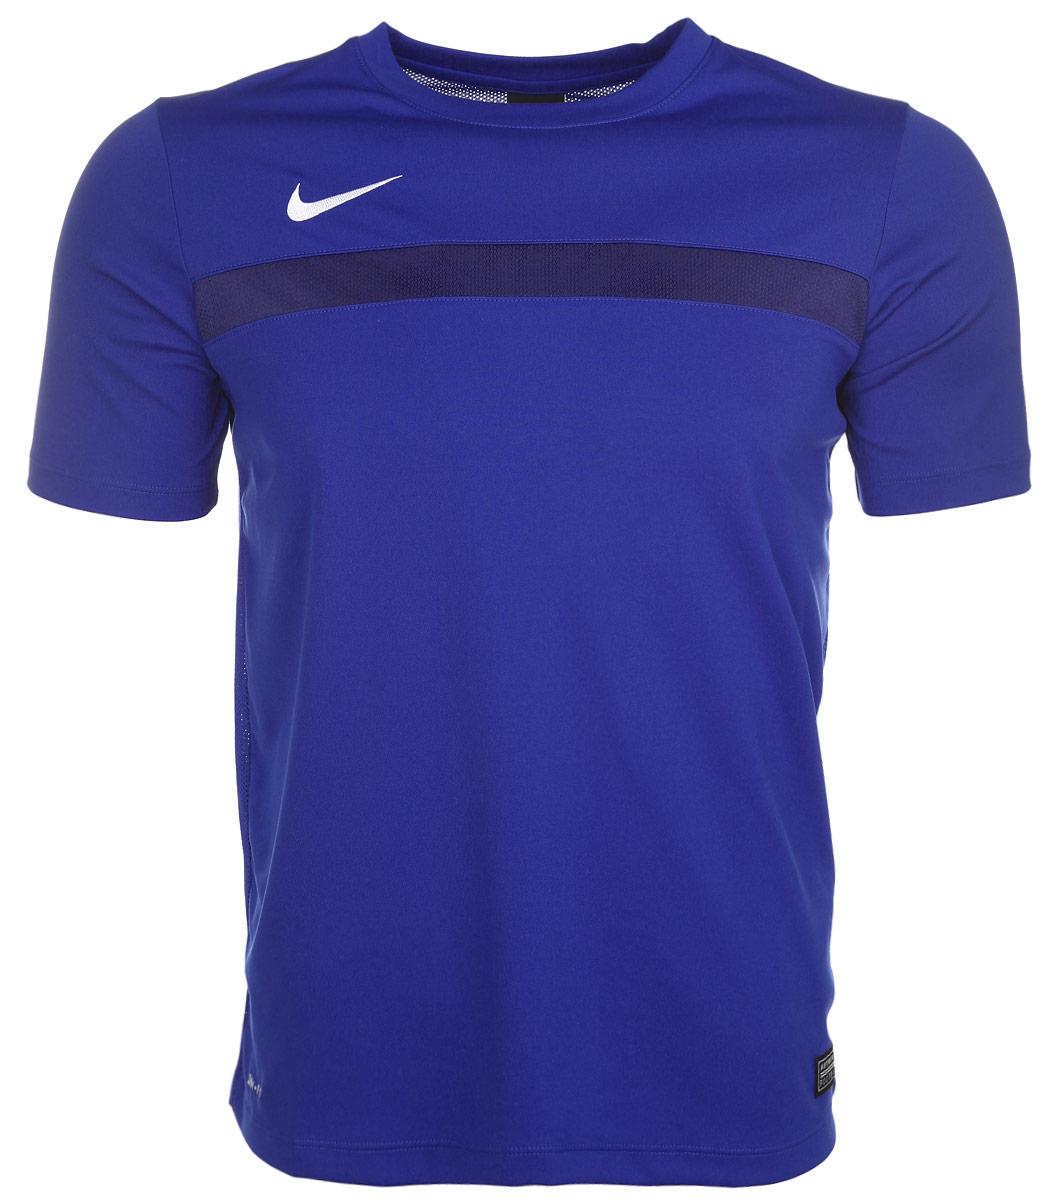 Футболка для мальчика Academy. 651396-480651396-480Превосходная футболка для мальчика Nike Academy, выполненная из комфортного материала с функцией отвода влаги и защиты от УФ-излучения, приятная на ощупь, не сковывает движения. Система Dri-FIT поддерживает кожу сухой и сохраняет ощущение комфорта. Сетчатая ткань обеспечивает превосходную воздухопроницаемость. Модель прямого кроя с комфортными плоскими швами, круглым вырезом горловины и короткими рукавами, спереди дополнена фирменным вышитым логотипом бренда. Отличный вариант для занятий спортом.